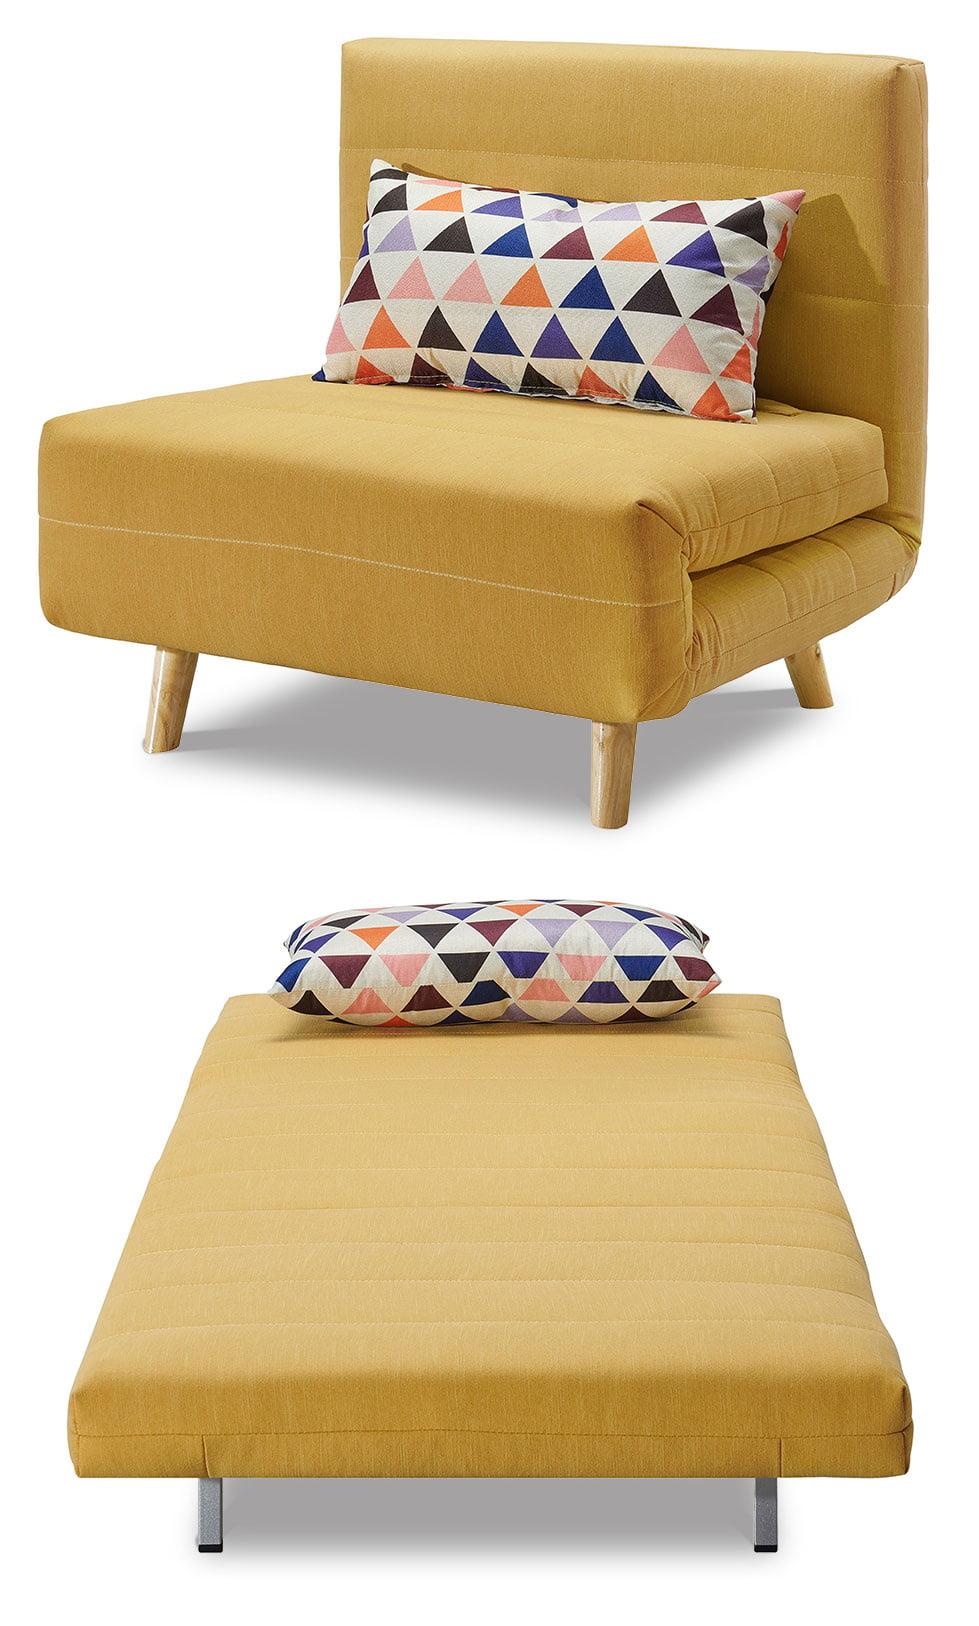 Кресло кровать Flex, желтый